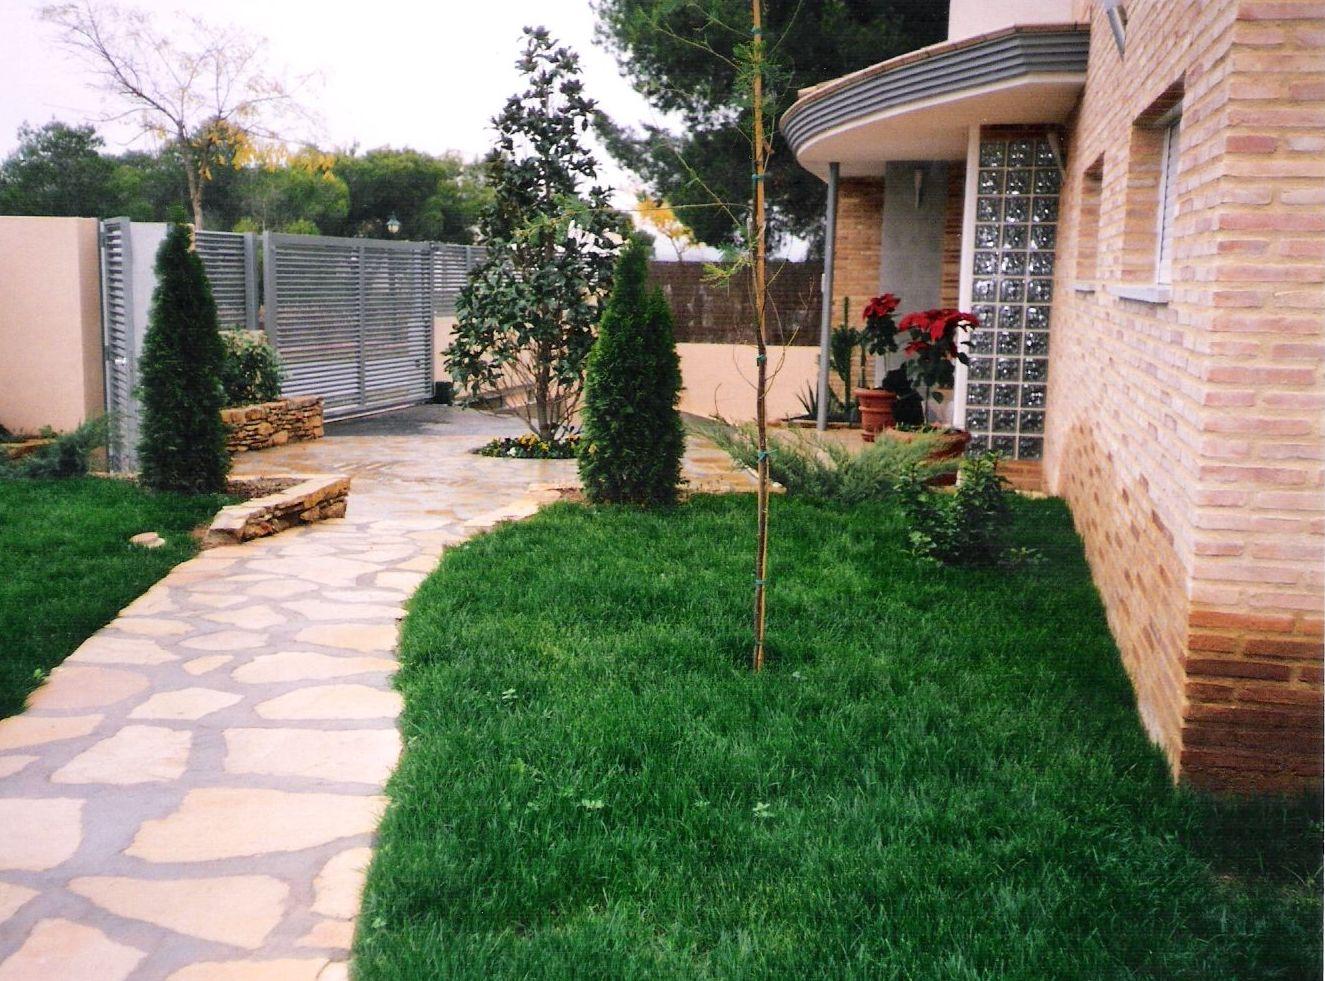 Foto 15 de dise o y mantenimiento de jardines en godella sebasti n mart nez cos n - Mantenimiento de jardines ...